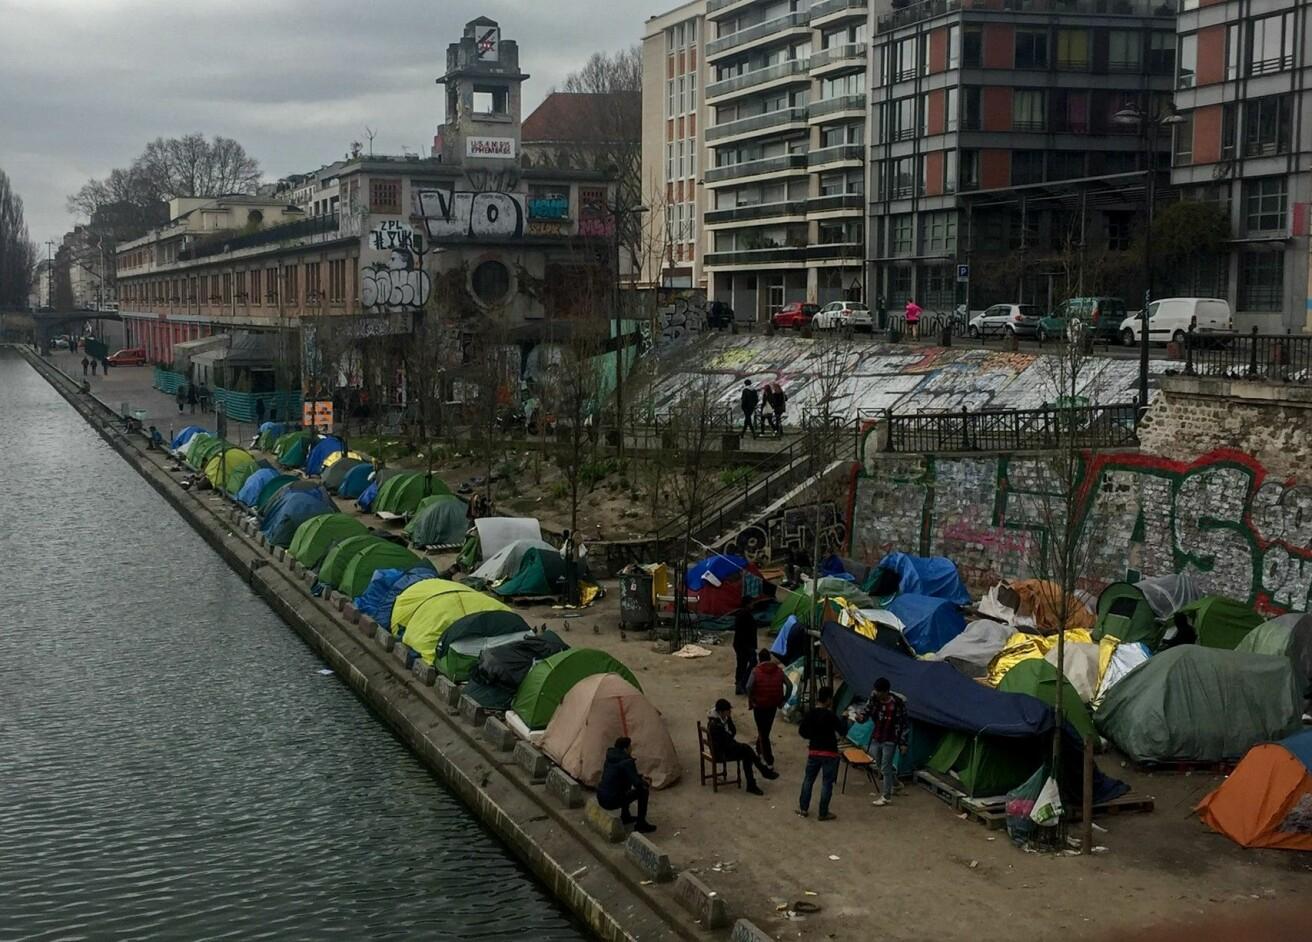 I Frankrike er det lettere å leve på gaten, fortalte unge afghanere til Thea Rabe. Der kan de jobbe svart og blir ikke sendt tilbake til Norge eller Afghanistan. Bildet er tatt under feltarbeidet i Paris. (Foto: Thea Rabe)